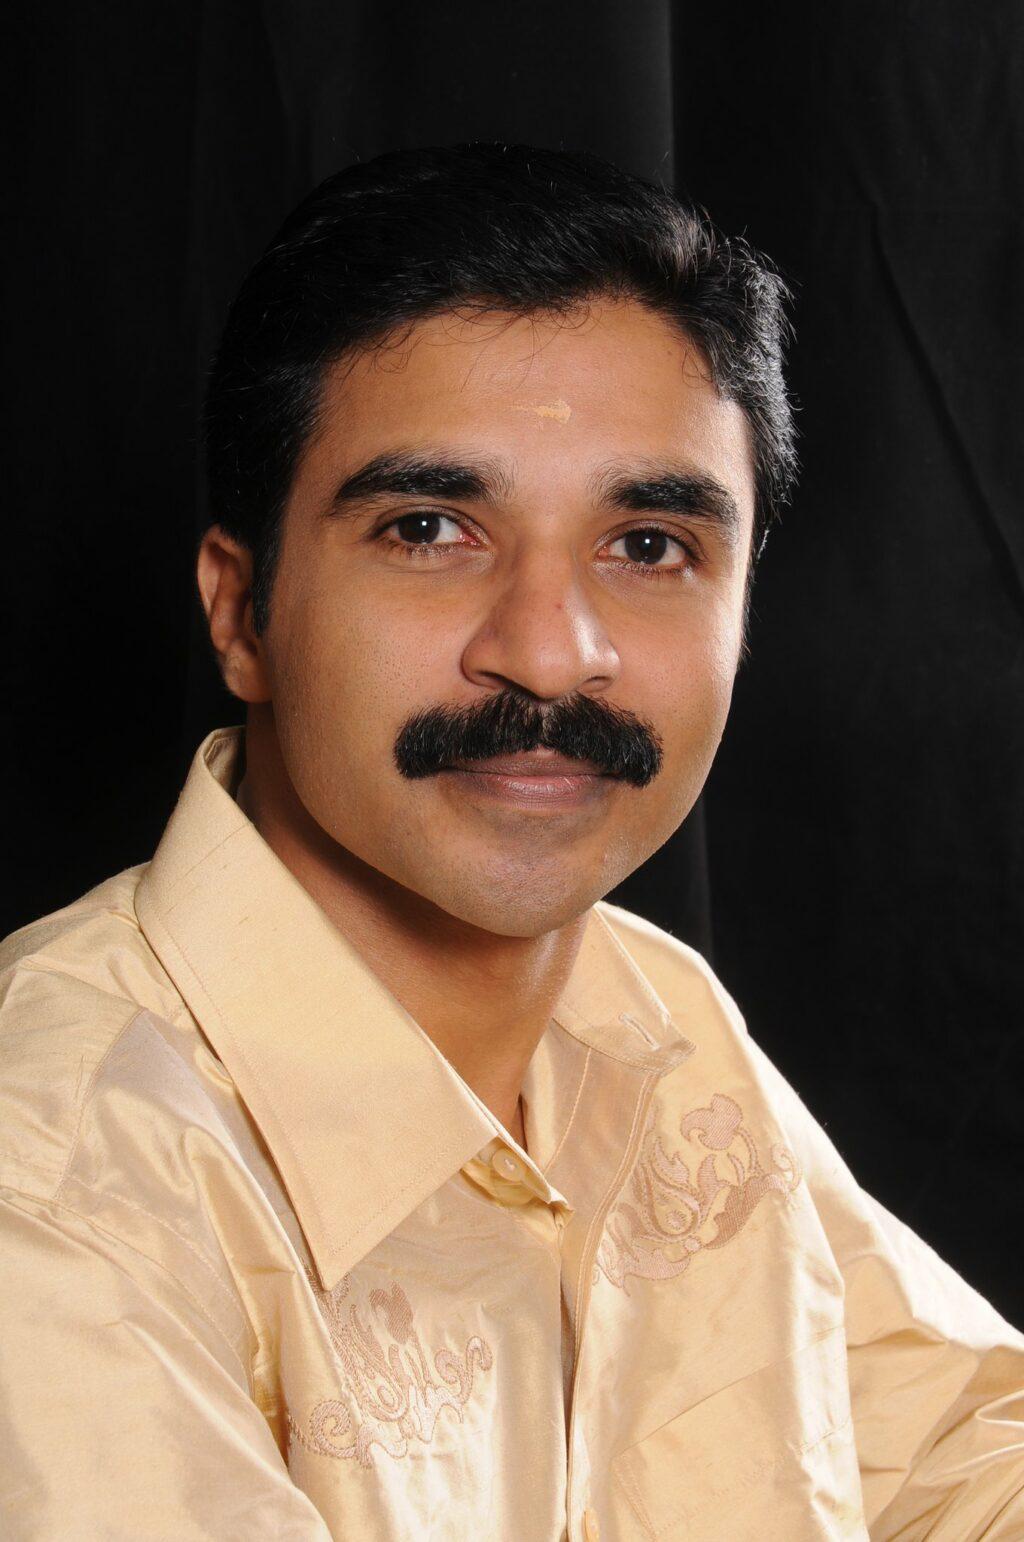 കോവിഡ്: മാതൃഭൂമി ന്യൂസ് സീനിയര് ചീഫ് റിപ്പോര്ട്ടര് വിപിന് ചന്ദ് അന്തരിച്ചു